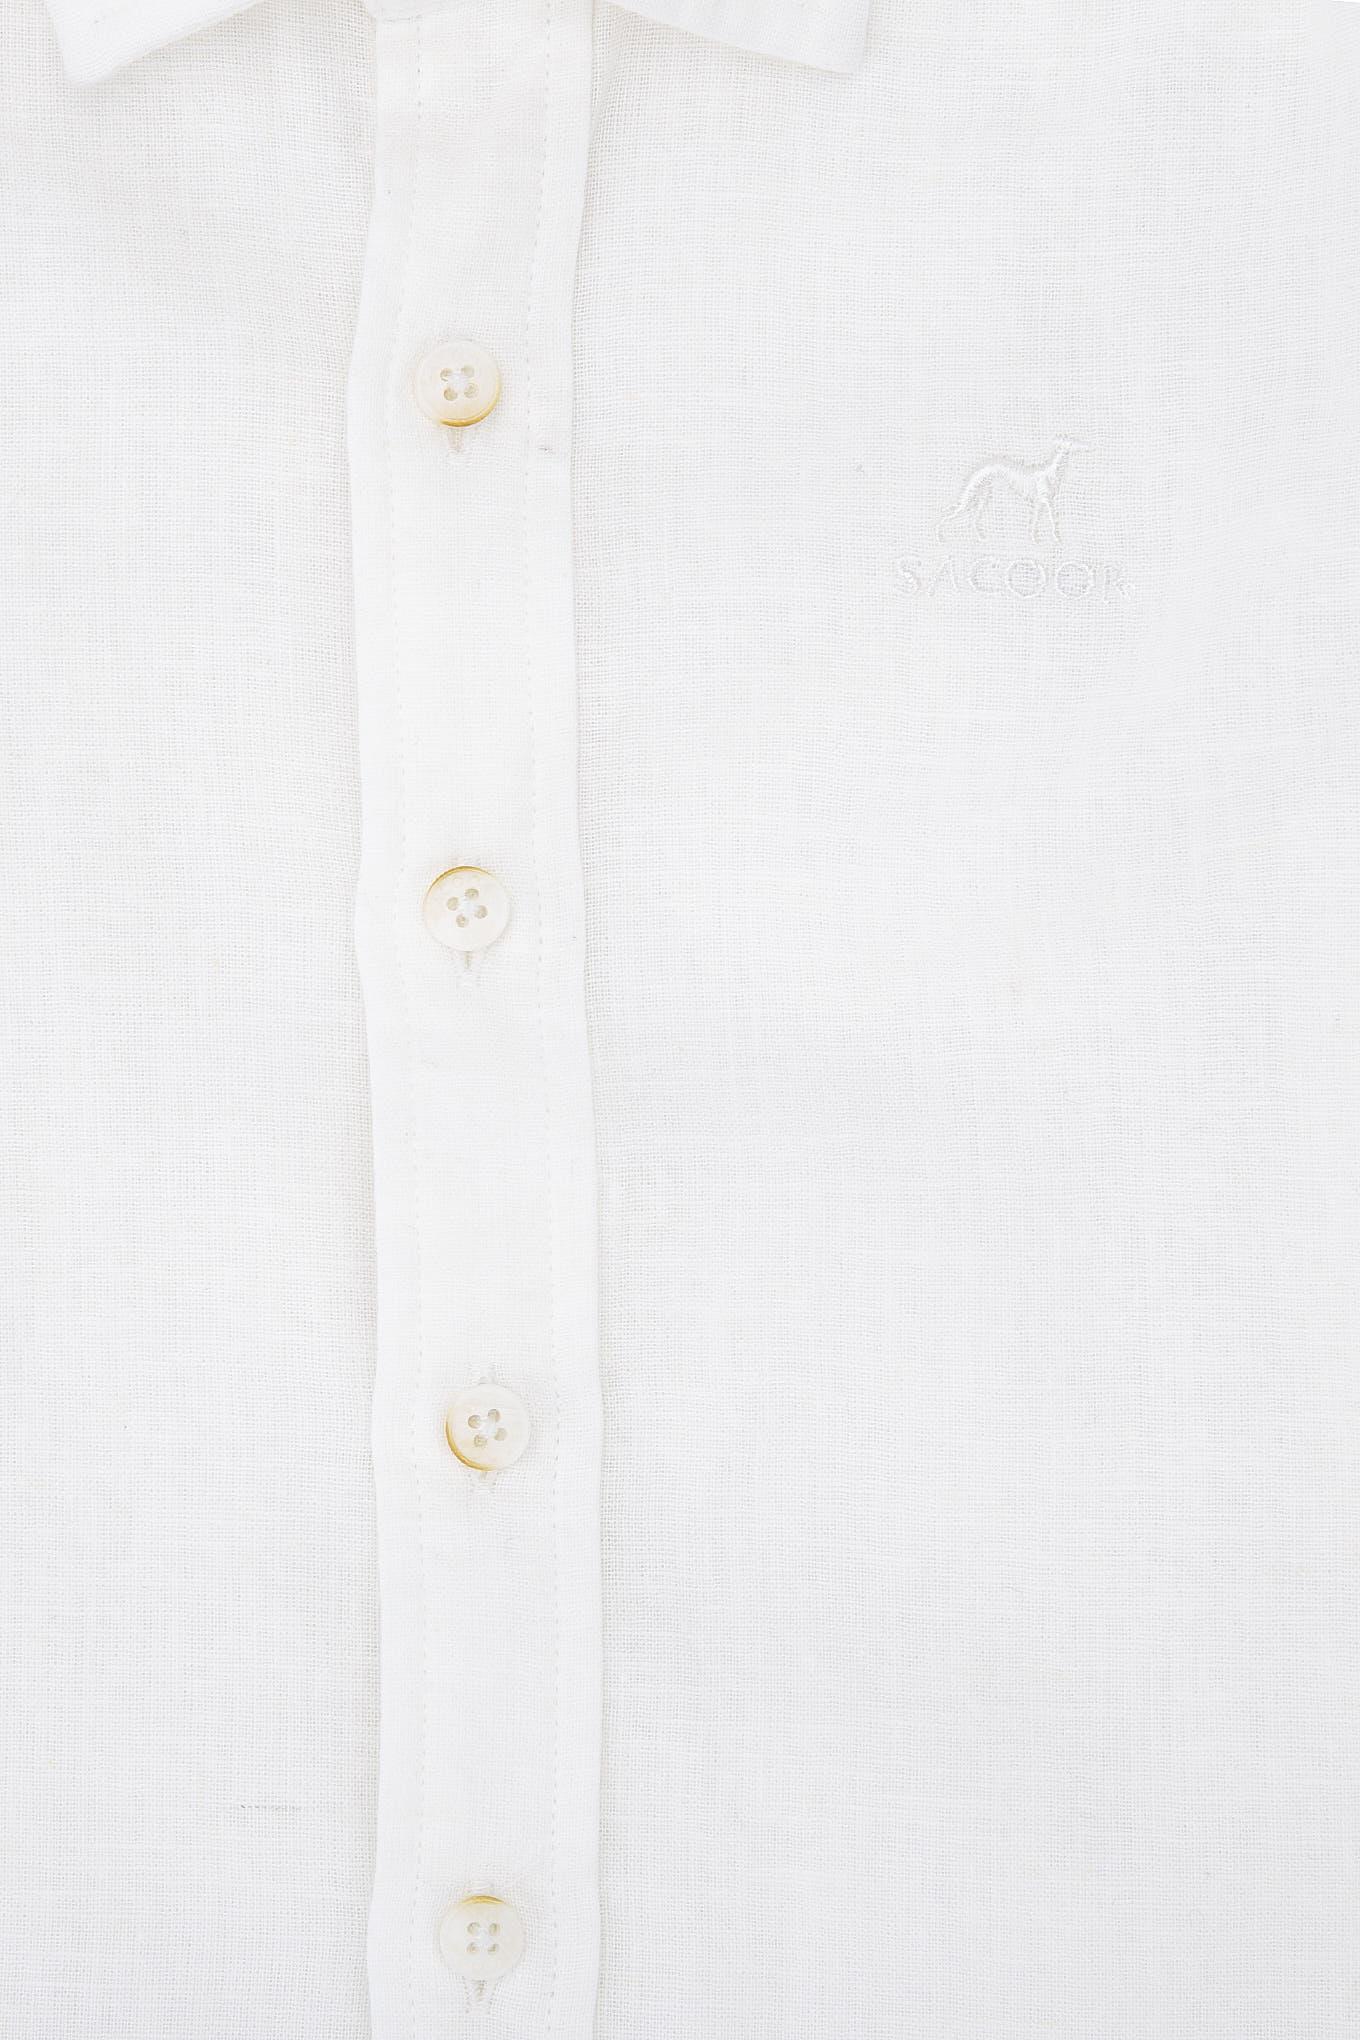 Camisa Branco Casual Rapaz